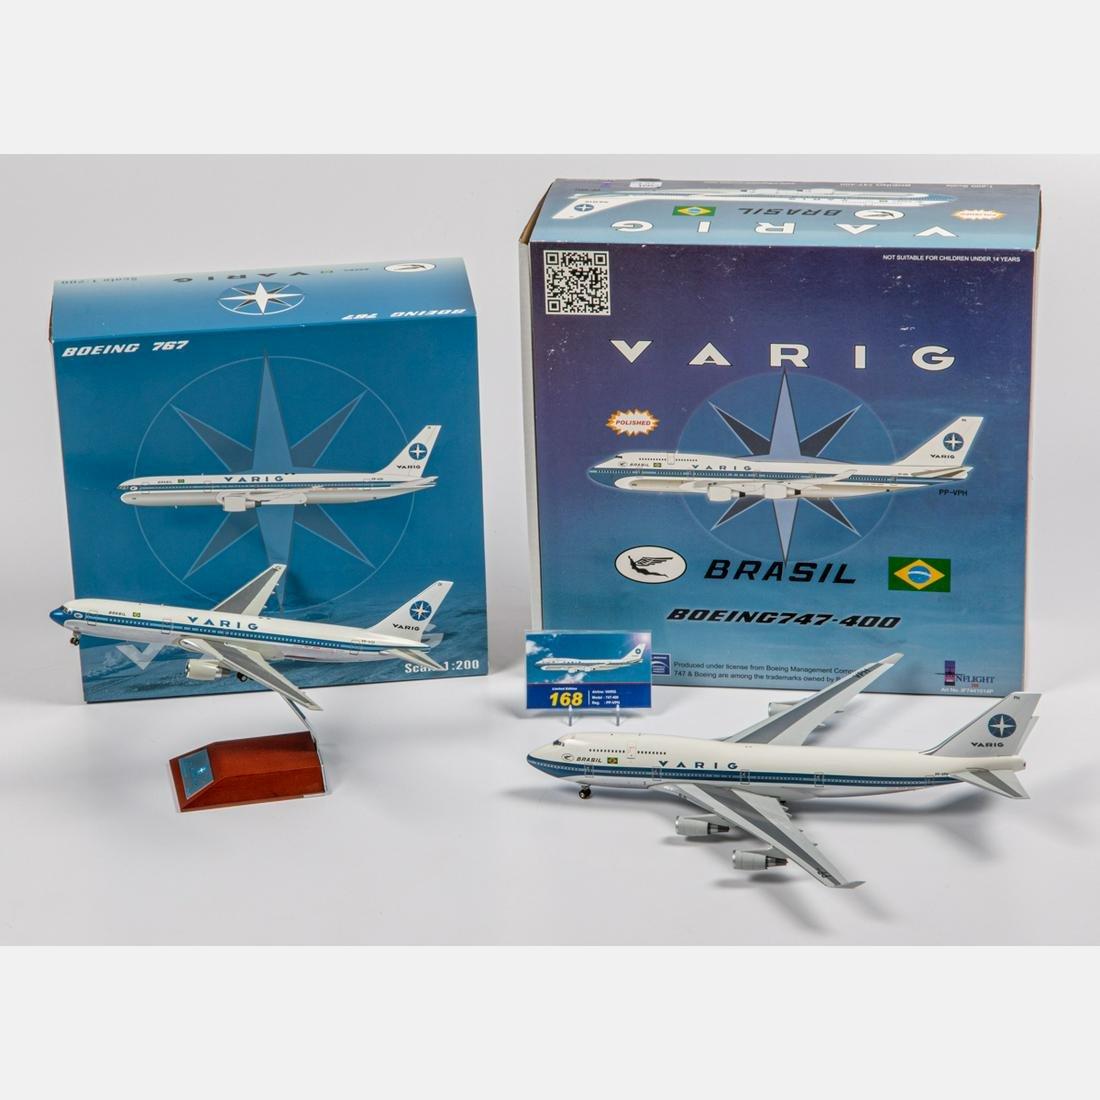 Two Varig Diecast Airplanes